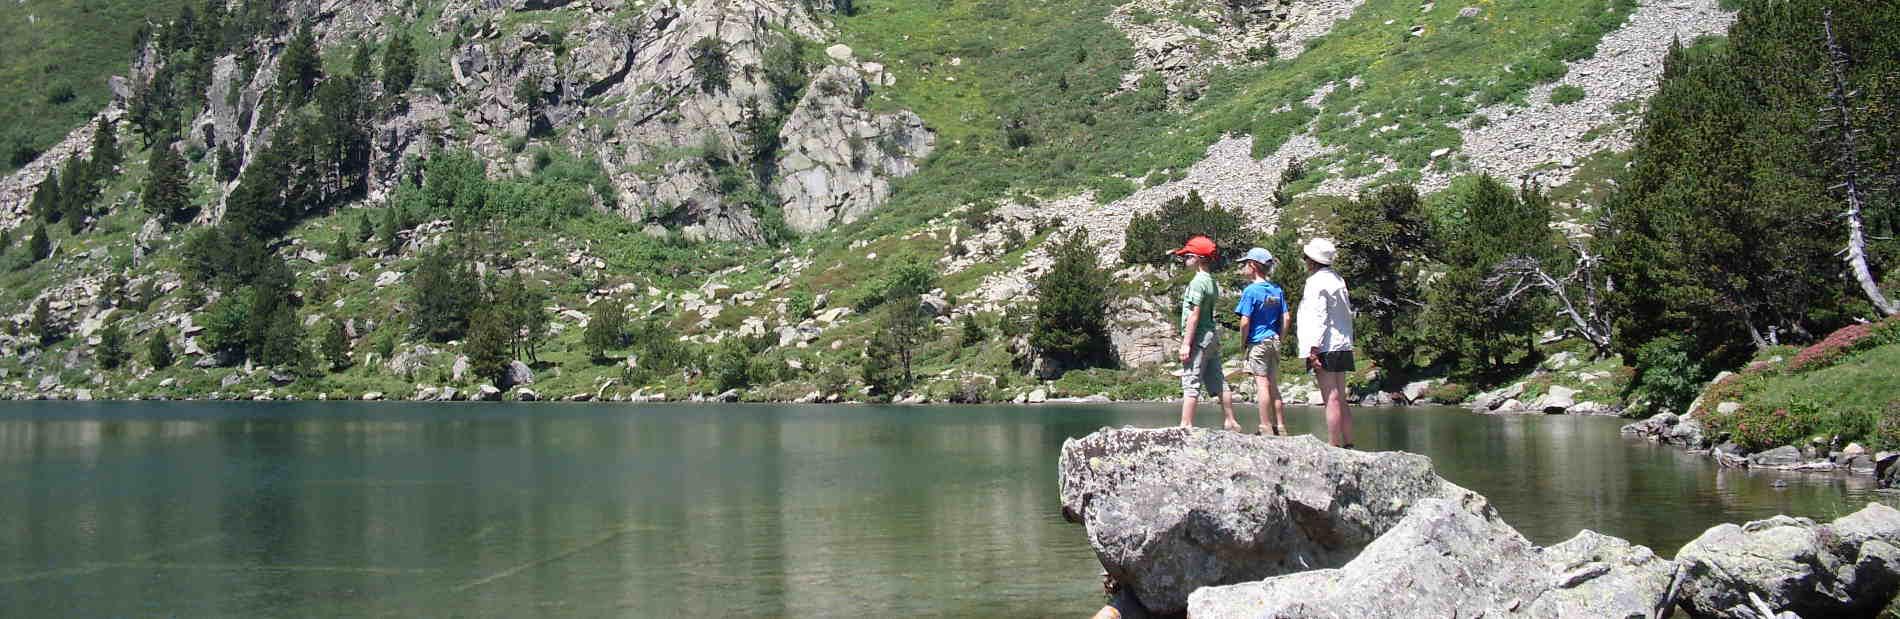 Les plus du camping dans l'Aude